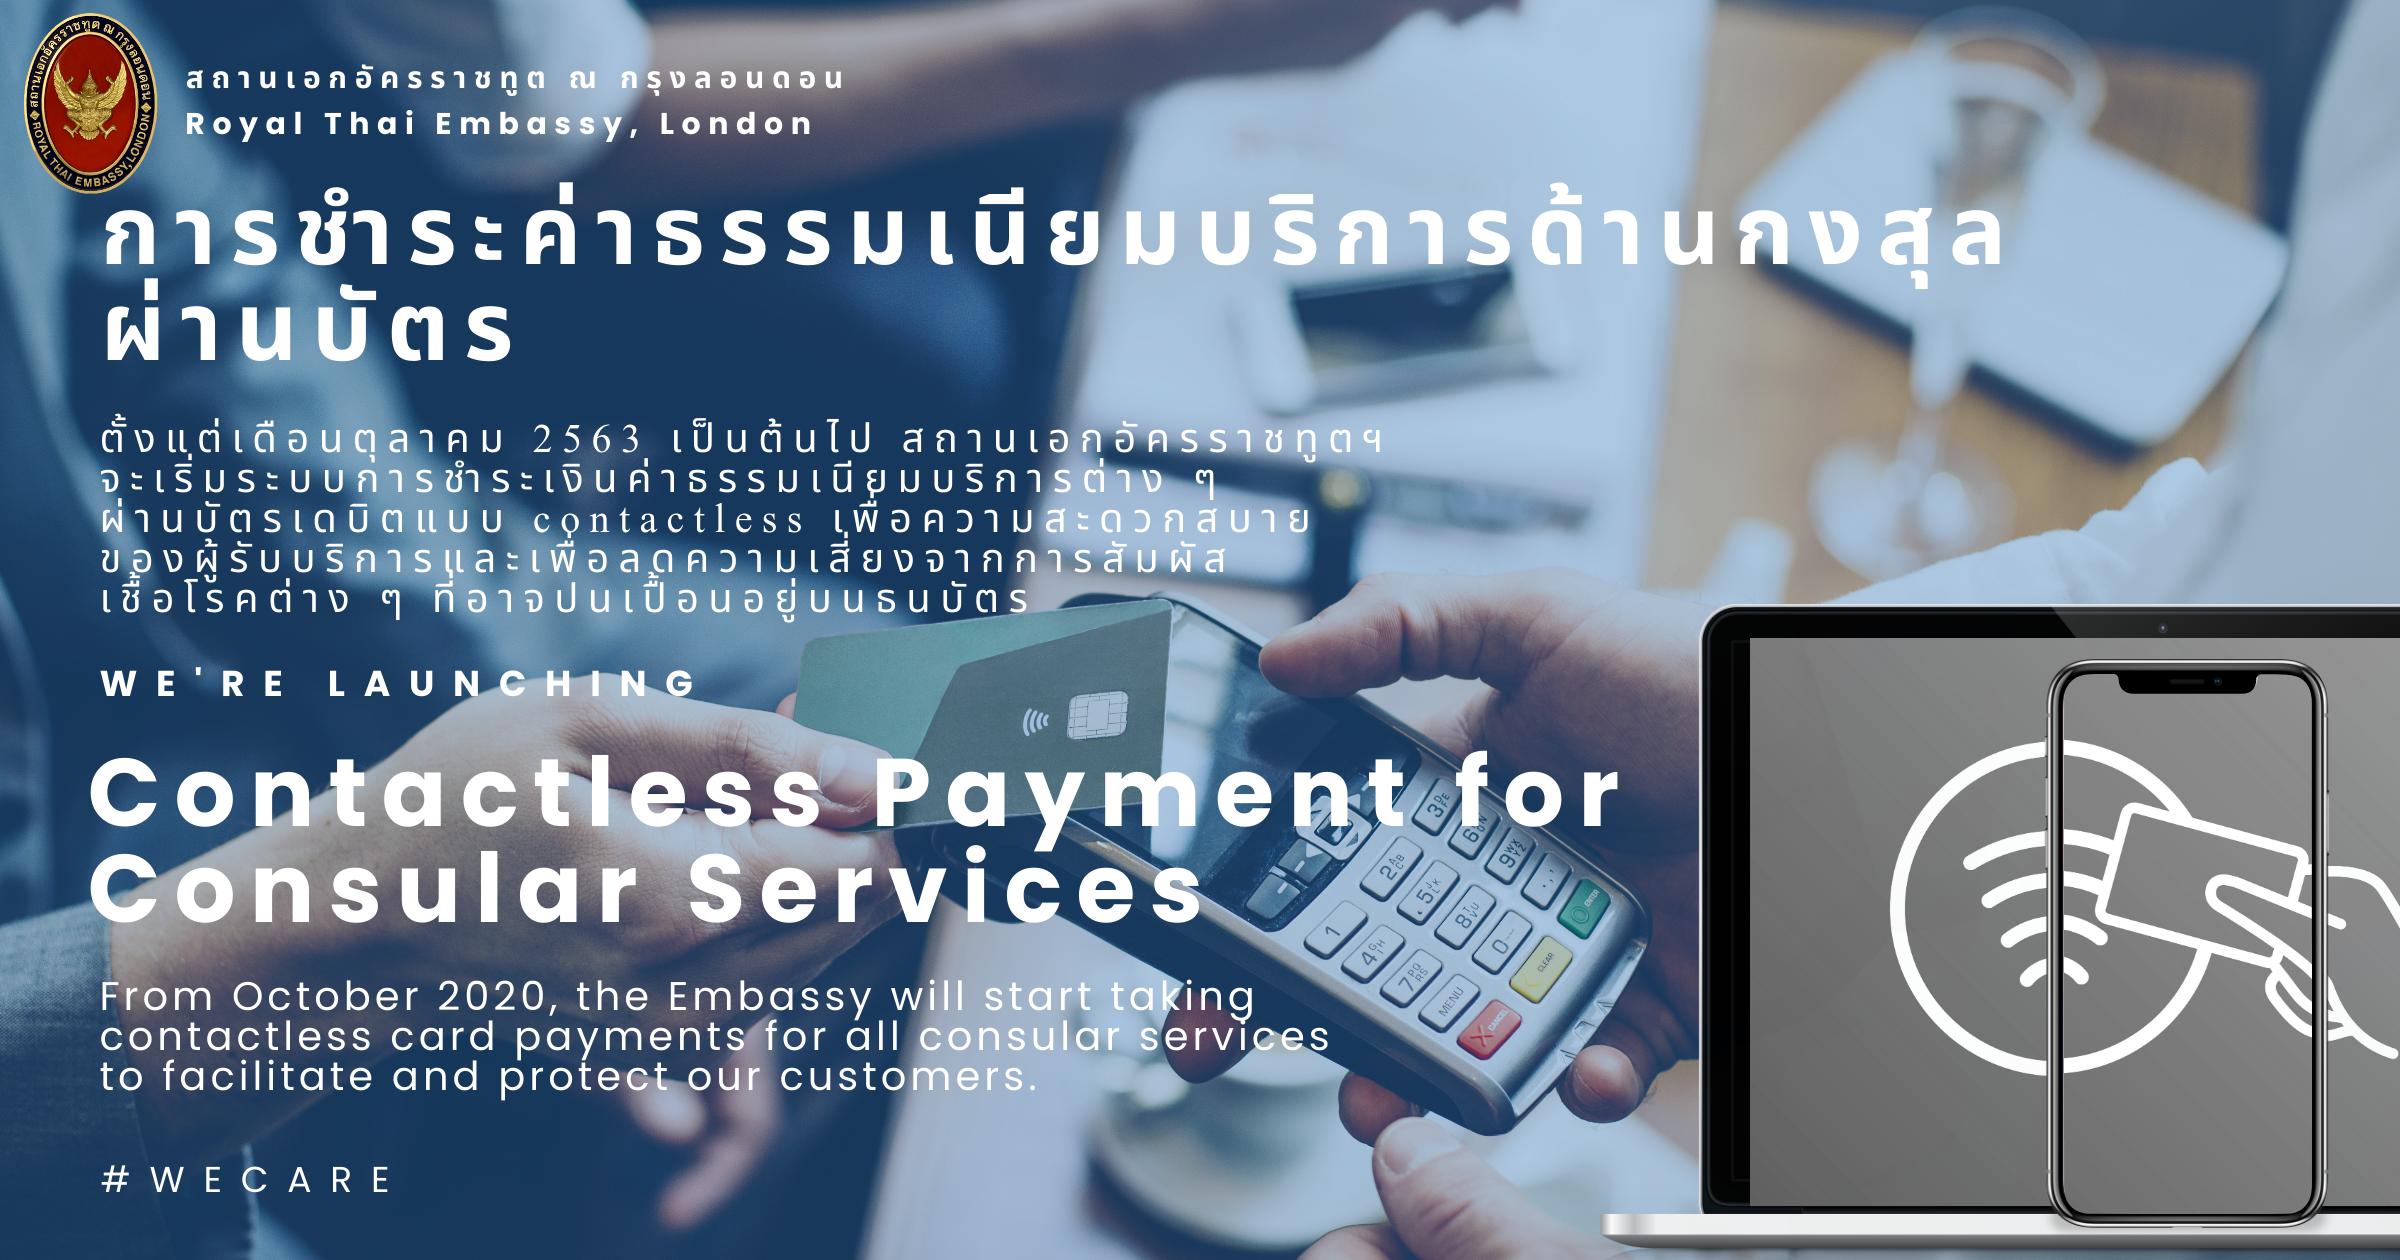 PR_Contactless_Payment